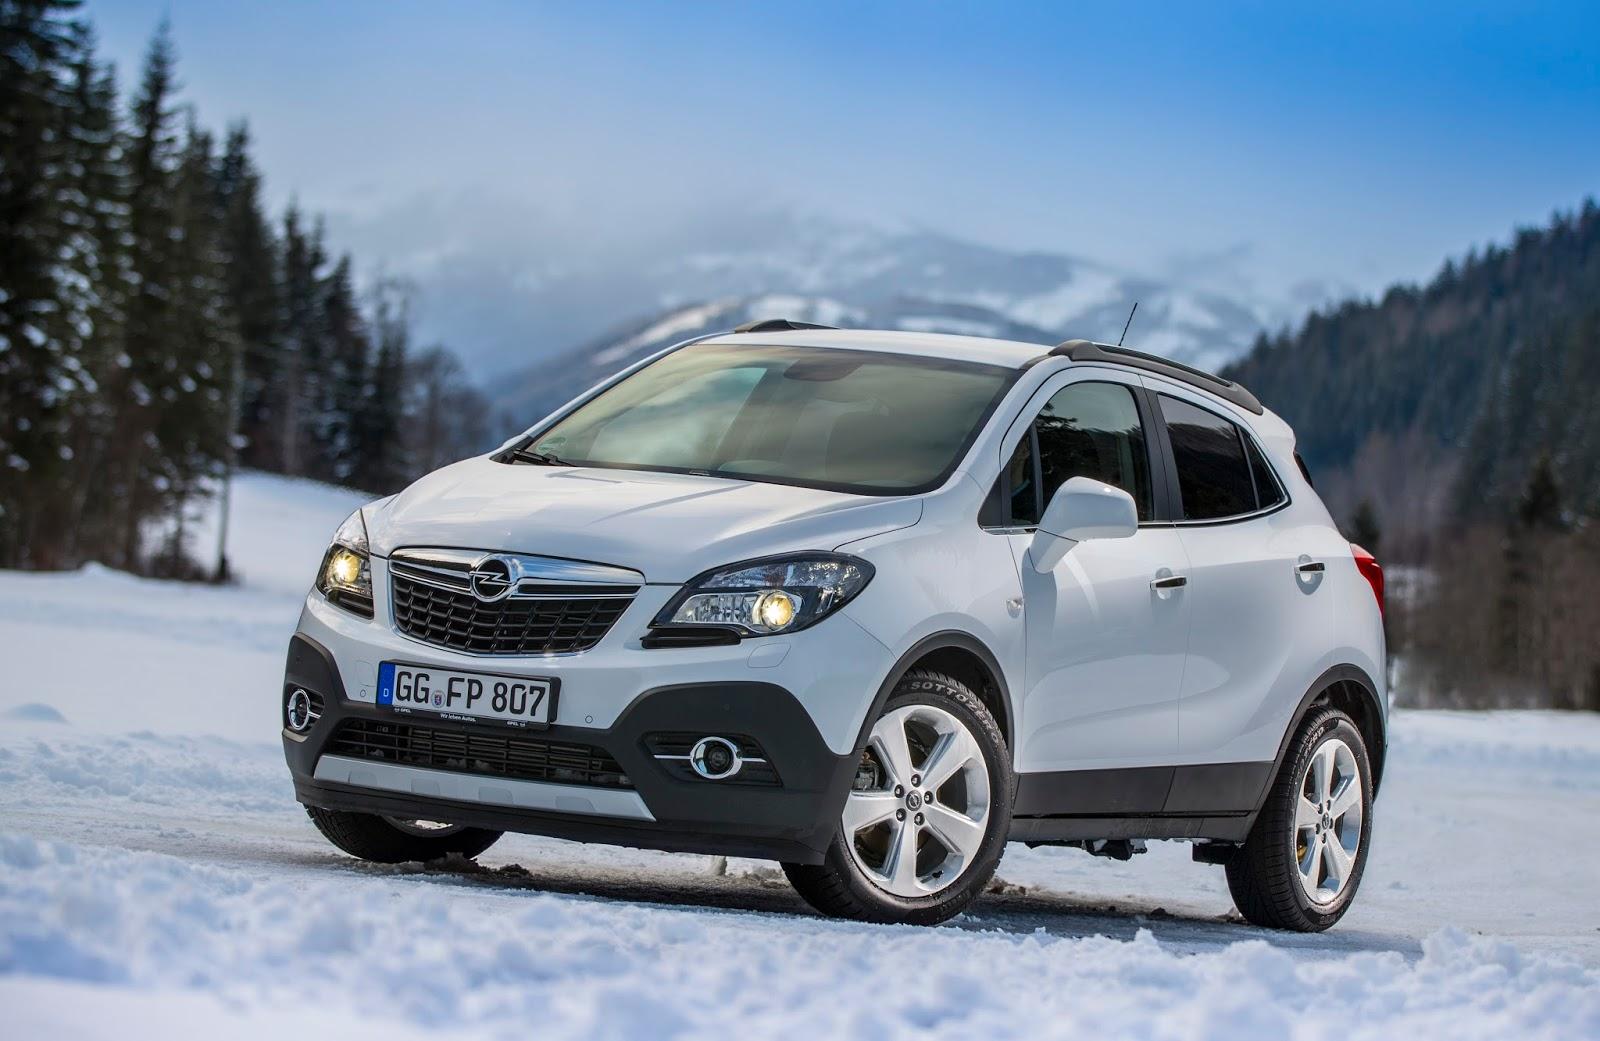 Opel Mokka 289222 Στις 500.000 Έφτασαν οι Παραγγελίες για το Opel Mokka Opel, Opel Mokka, Sales, SUV